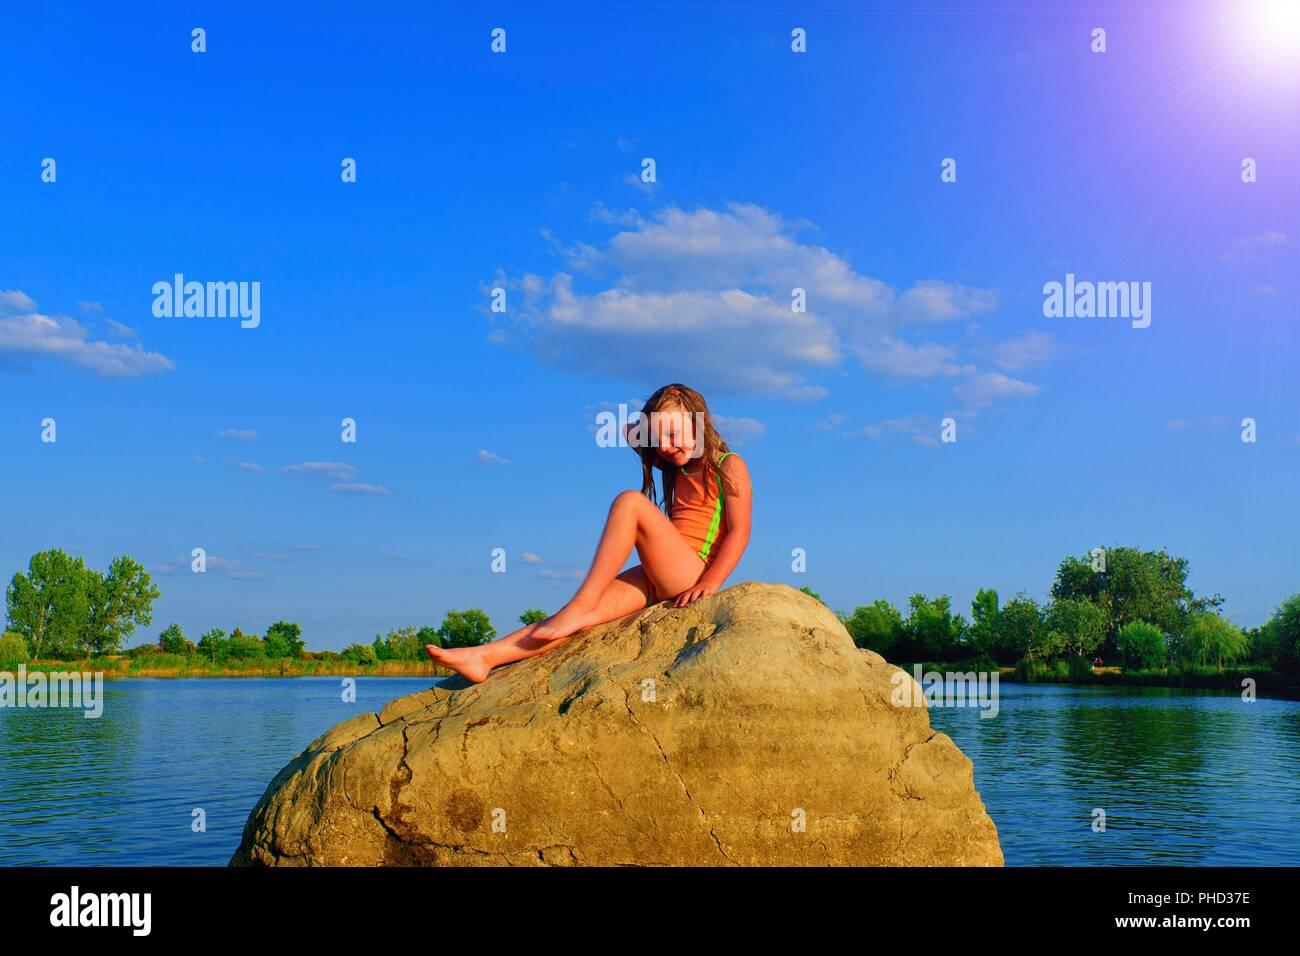 Kleines Mädchen in einem Badeanzug ist sittting auf dem Felsen und der Blick in die Ferne. Adorable Mädchen am Sonnenuntergang. Sommer und glückliche Kindheit Konzept. Kopieren Sie Raum in der strahlend blaue Himmel Stockfoto